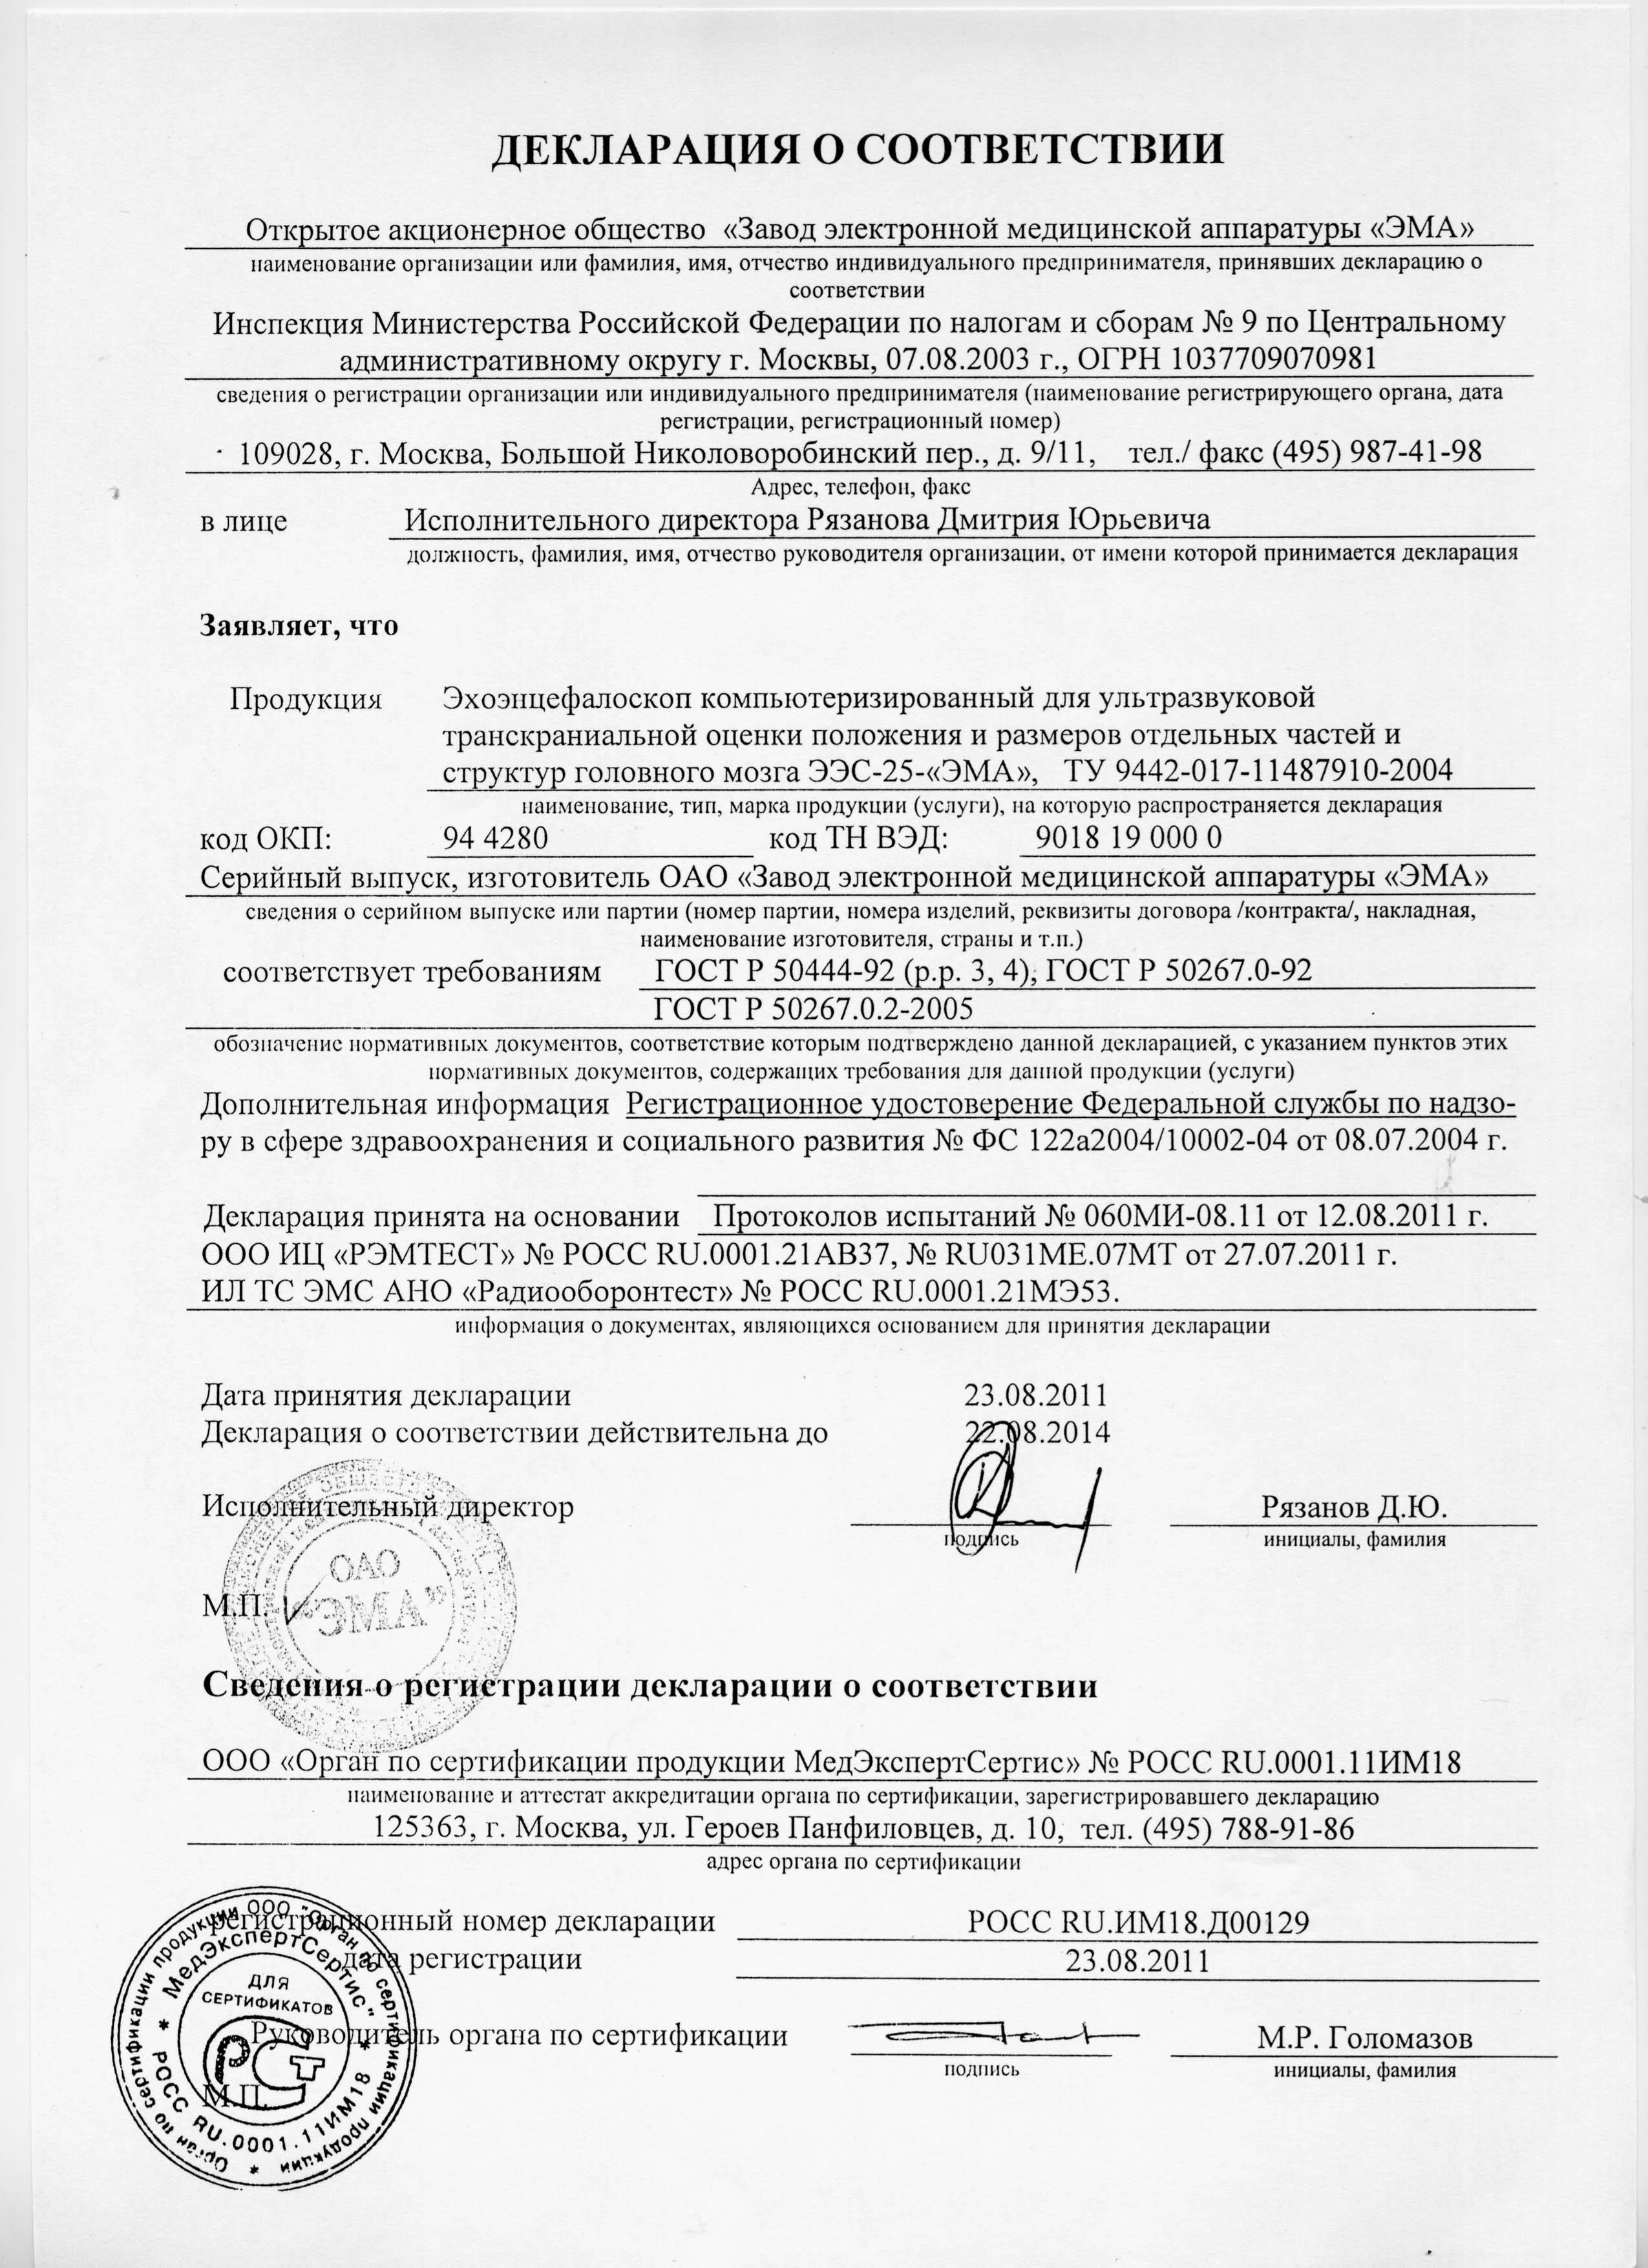 сертификат ЭЭС-25 эхоэнцефалоскоп